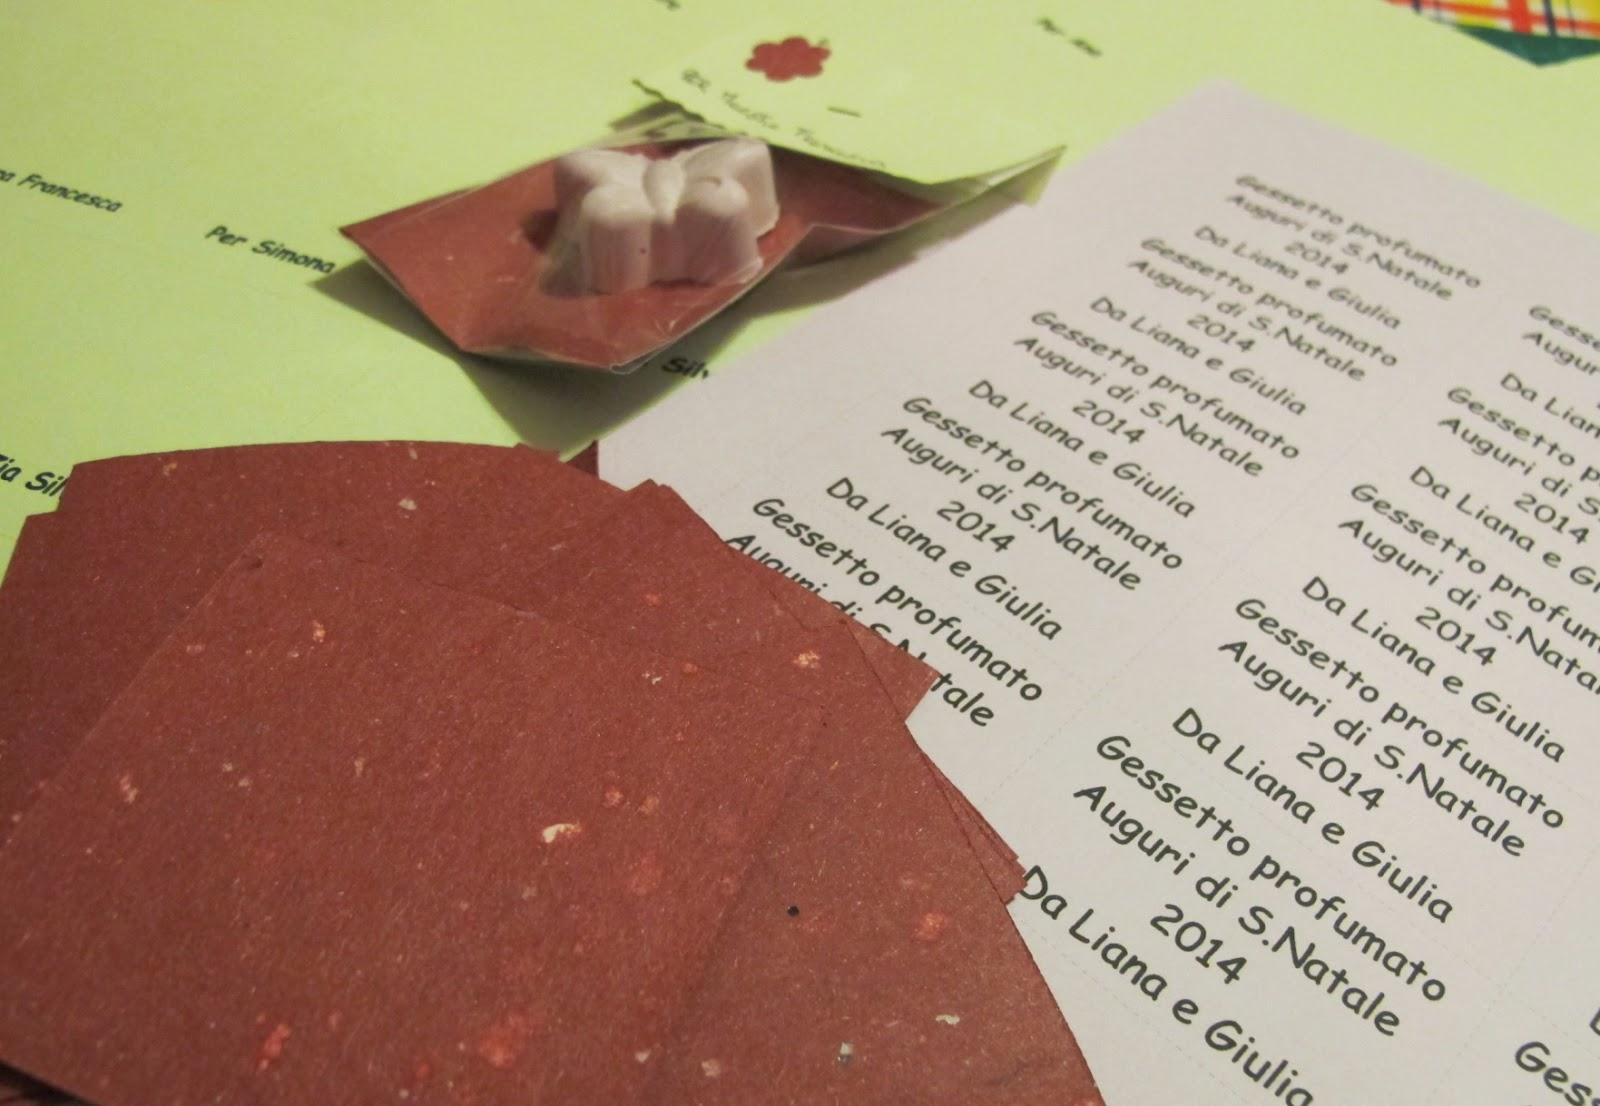 Pensierini di Natale: Gessetti profumati alla LAVANDA - Seconda Parte